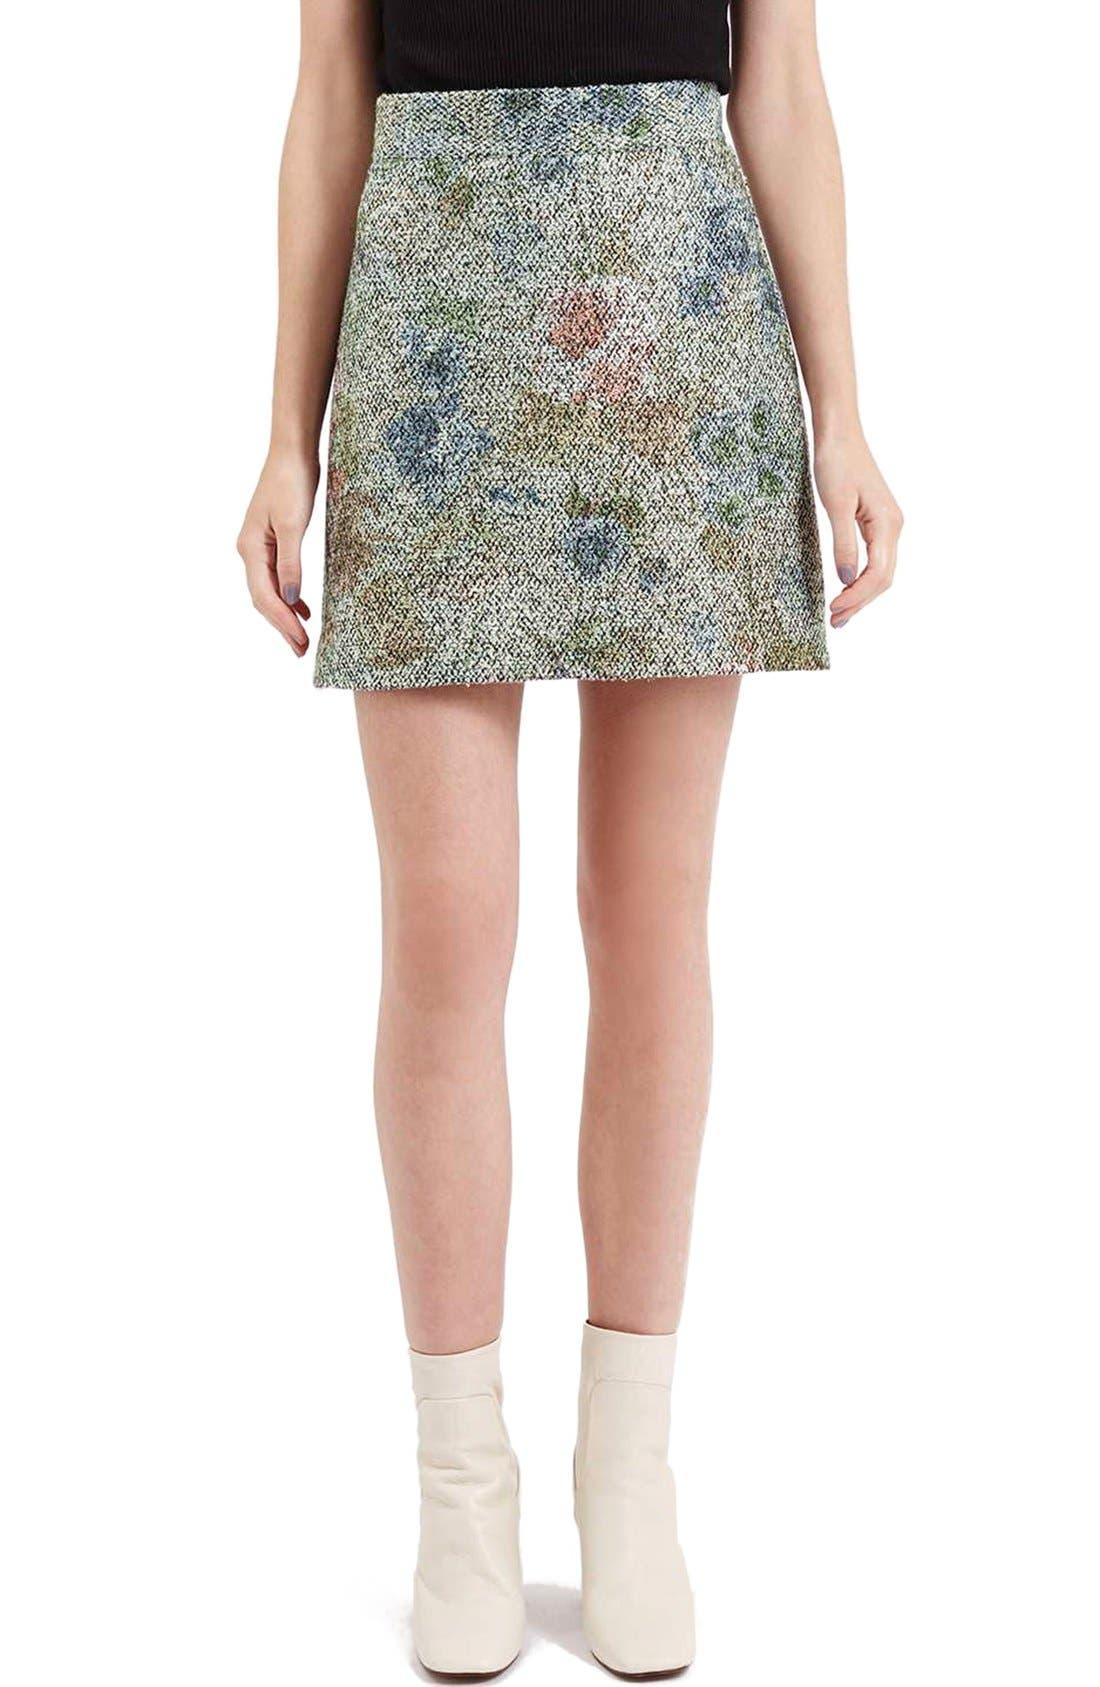 Alternate Image 1 Selected - Topshop Metallic Floral Bouclé Skirt